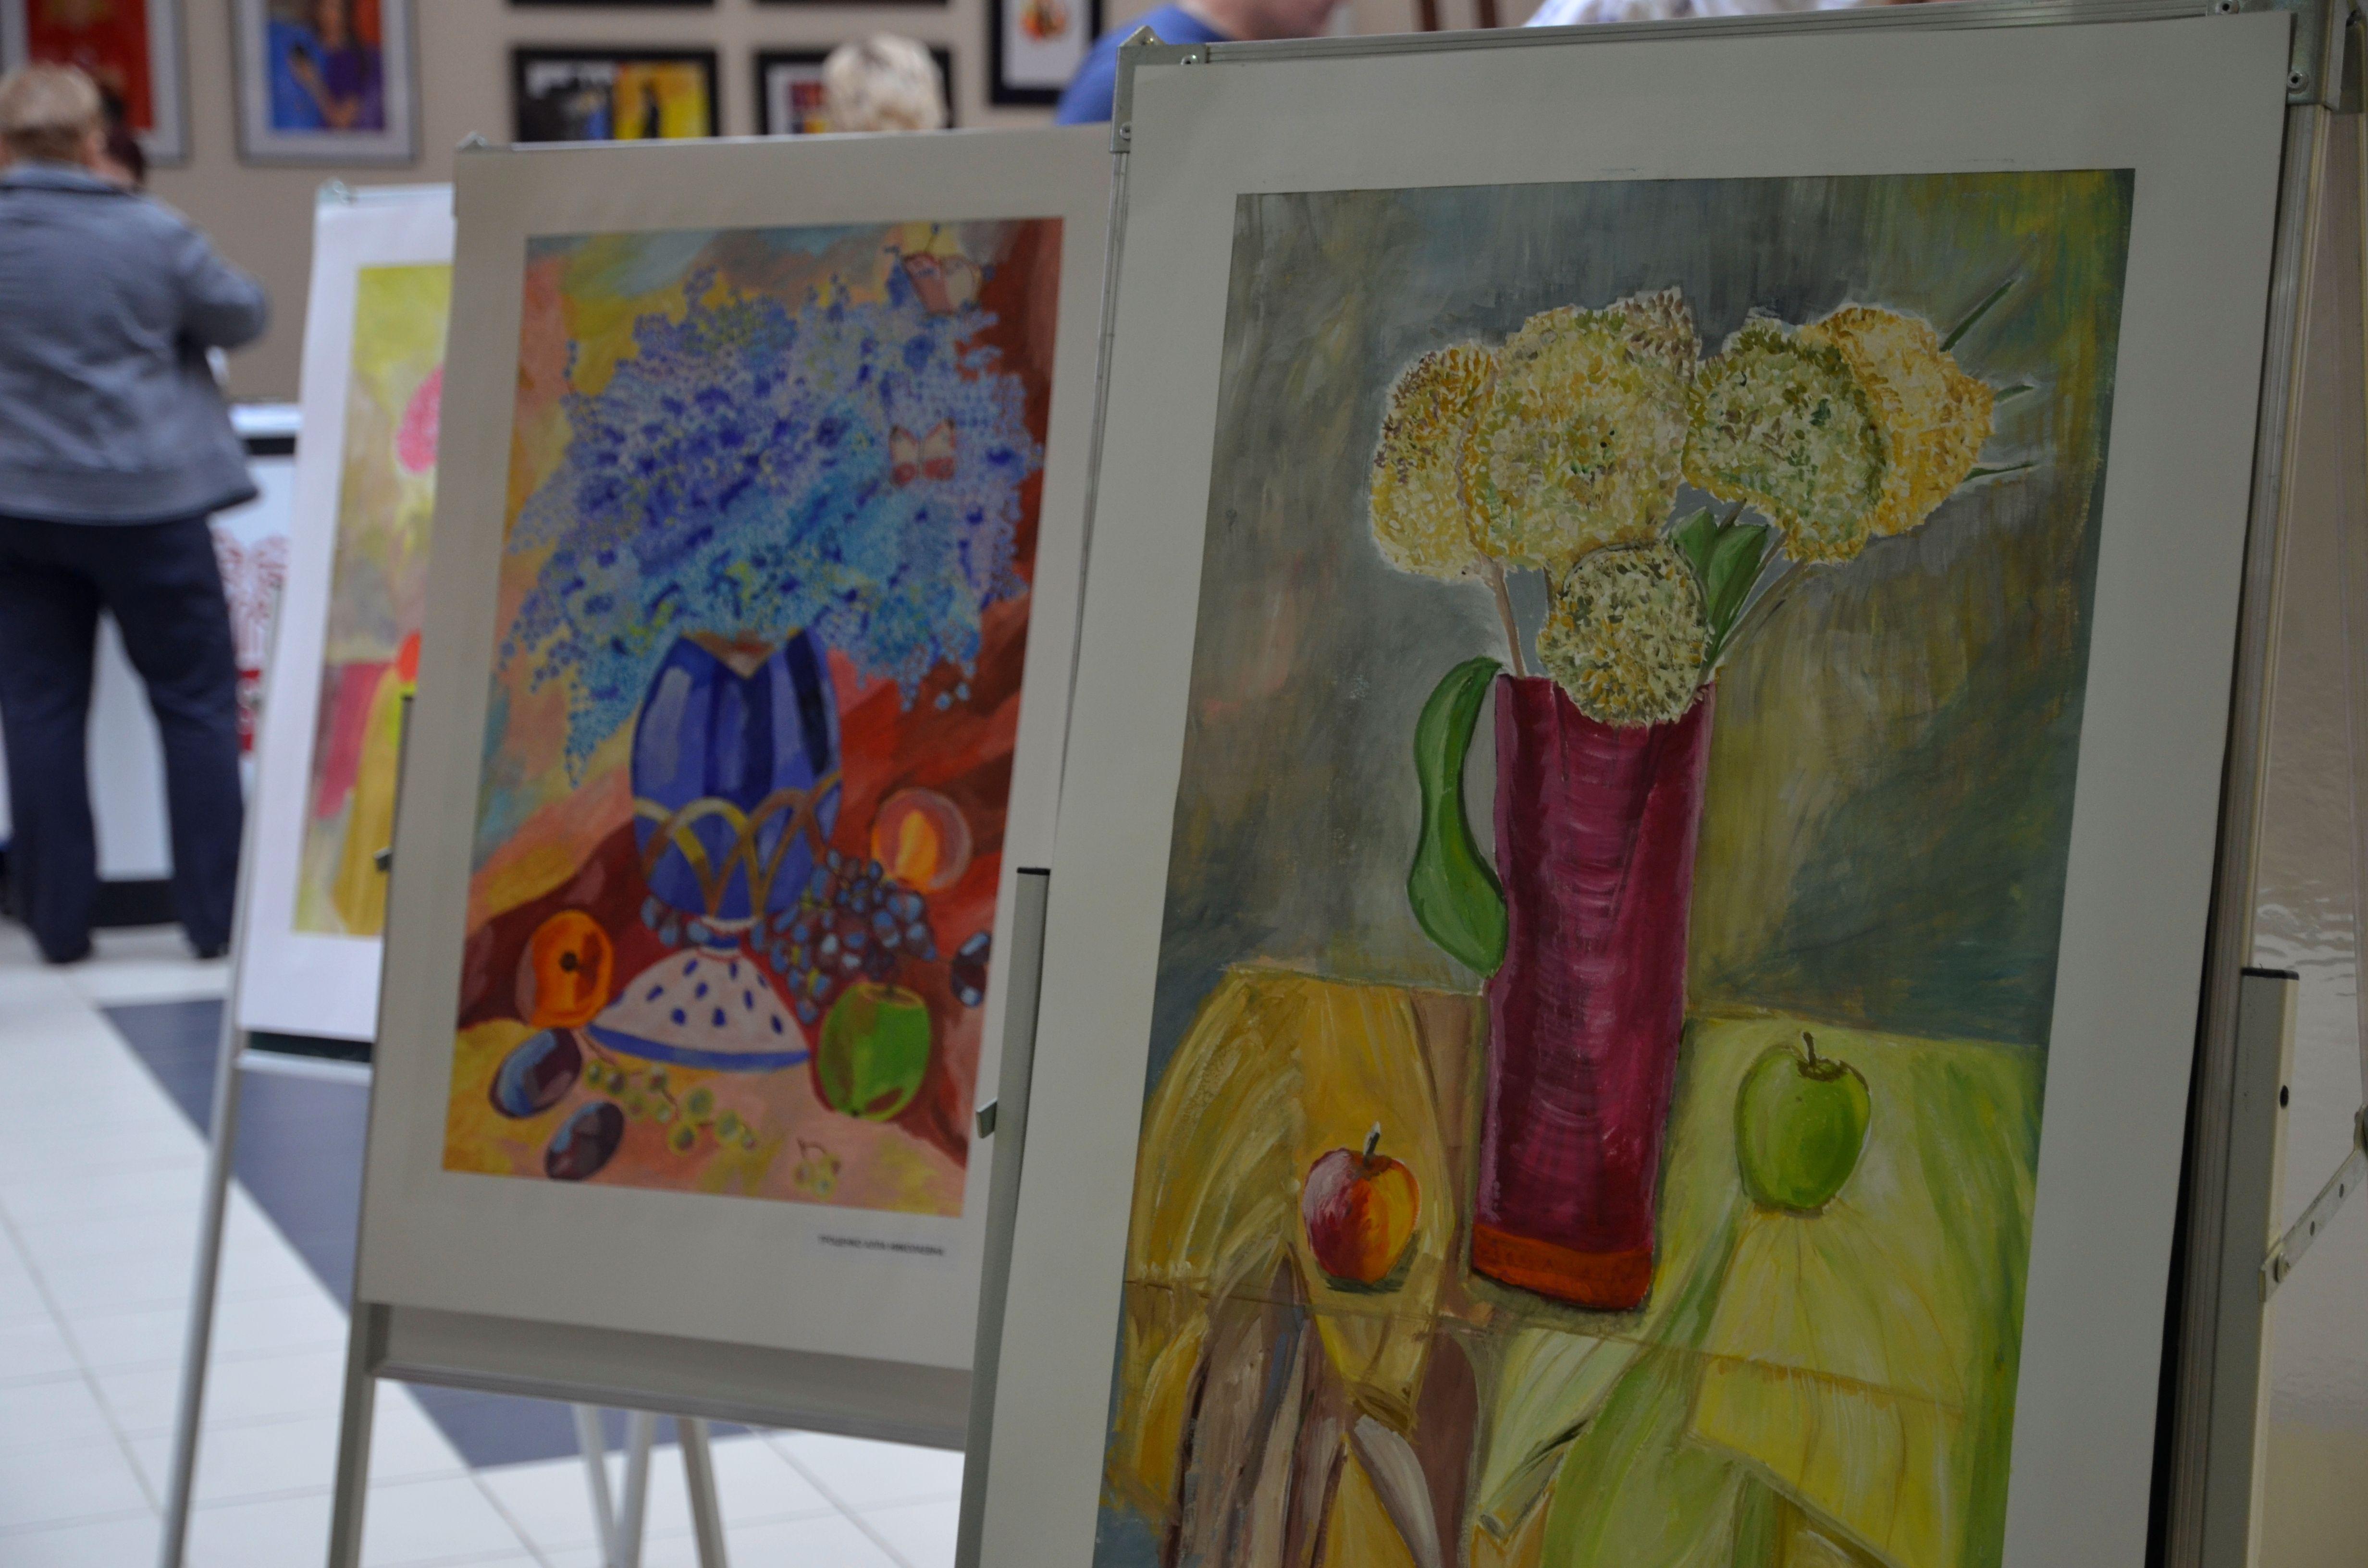 Выставку «Хрупкость бытия» смогут посетить все желающие в Краснопахорском